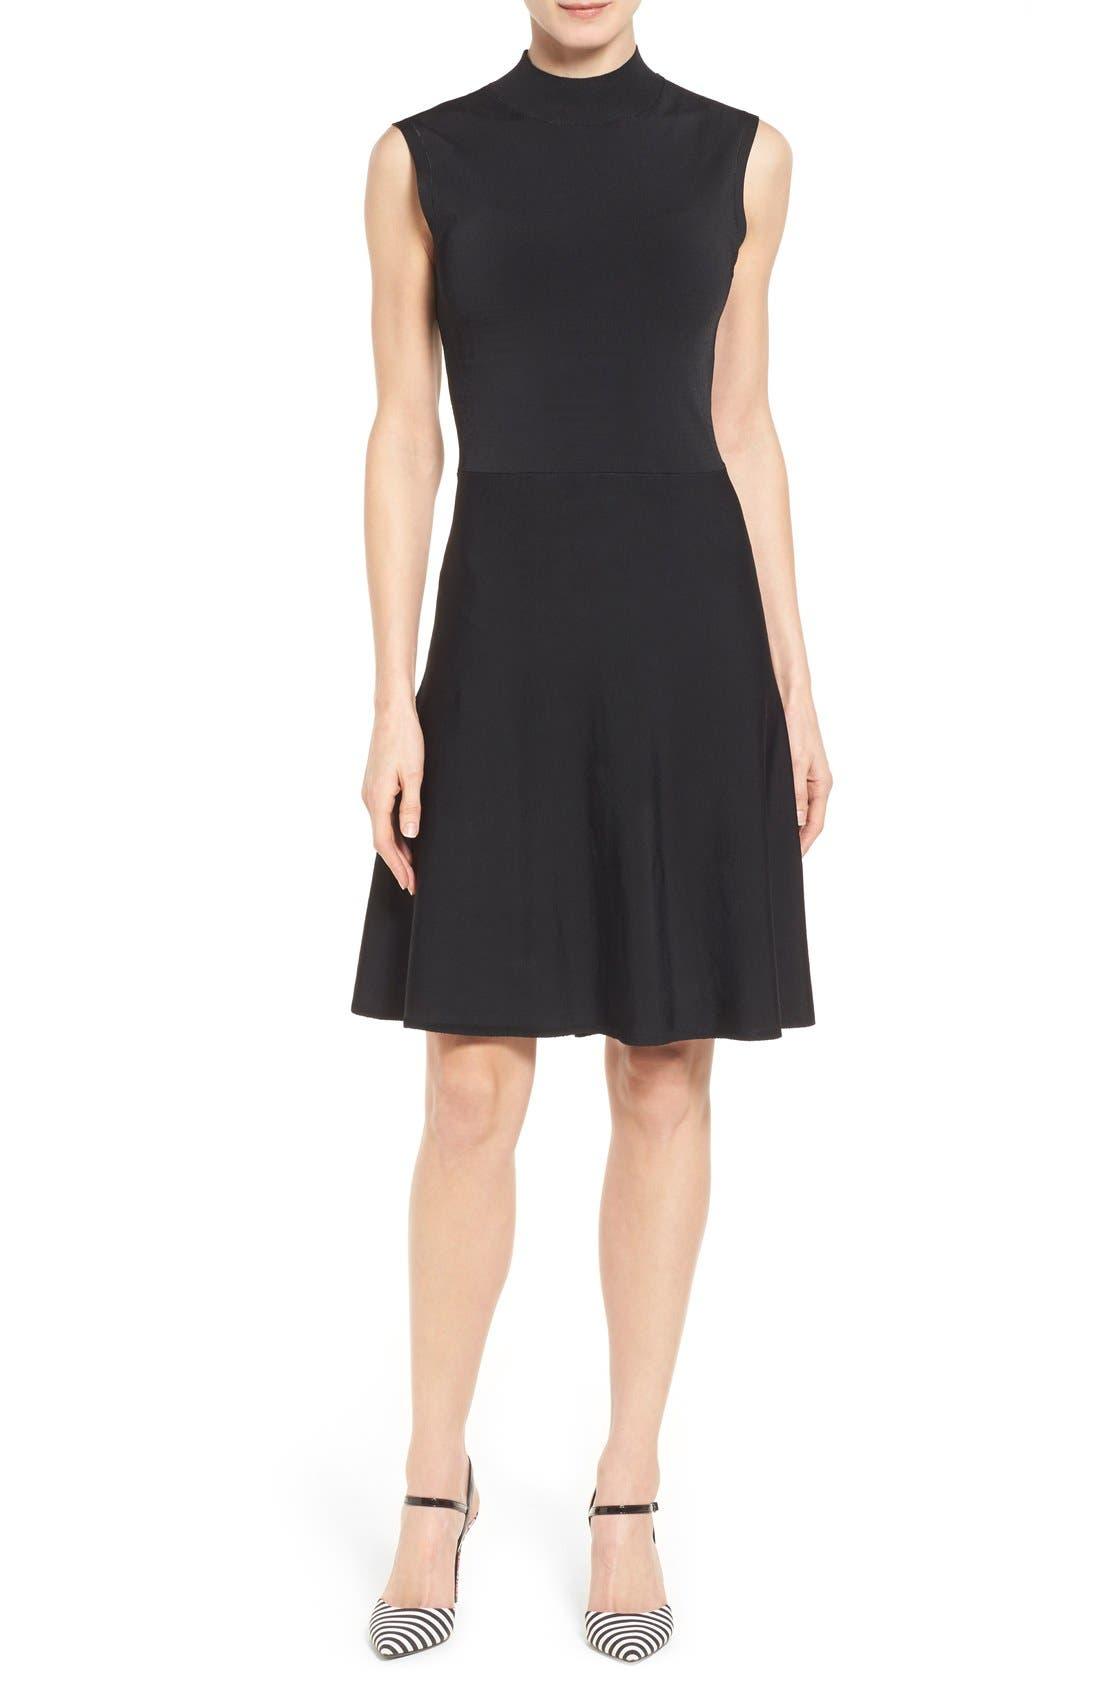 Alternate Image 1 Selected - Halogen® Mock Neck A-Line Dress (Regular & Petite)